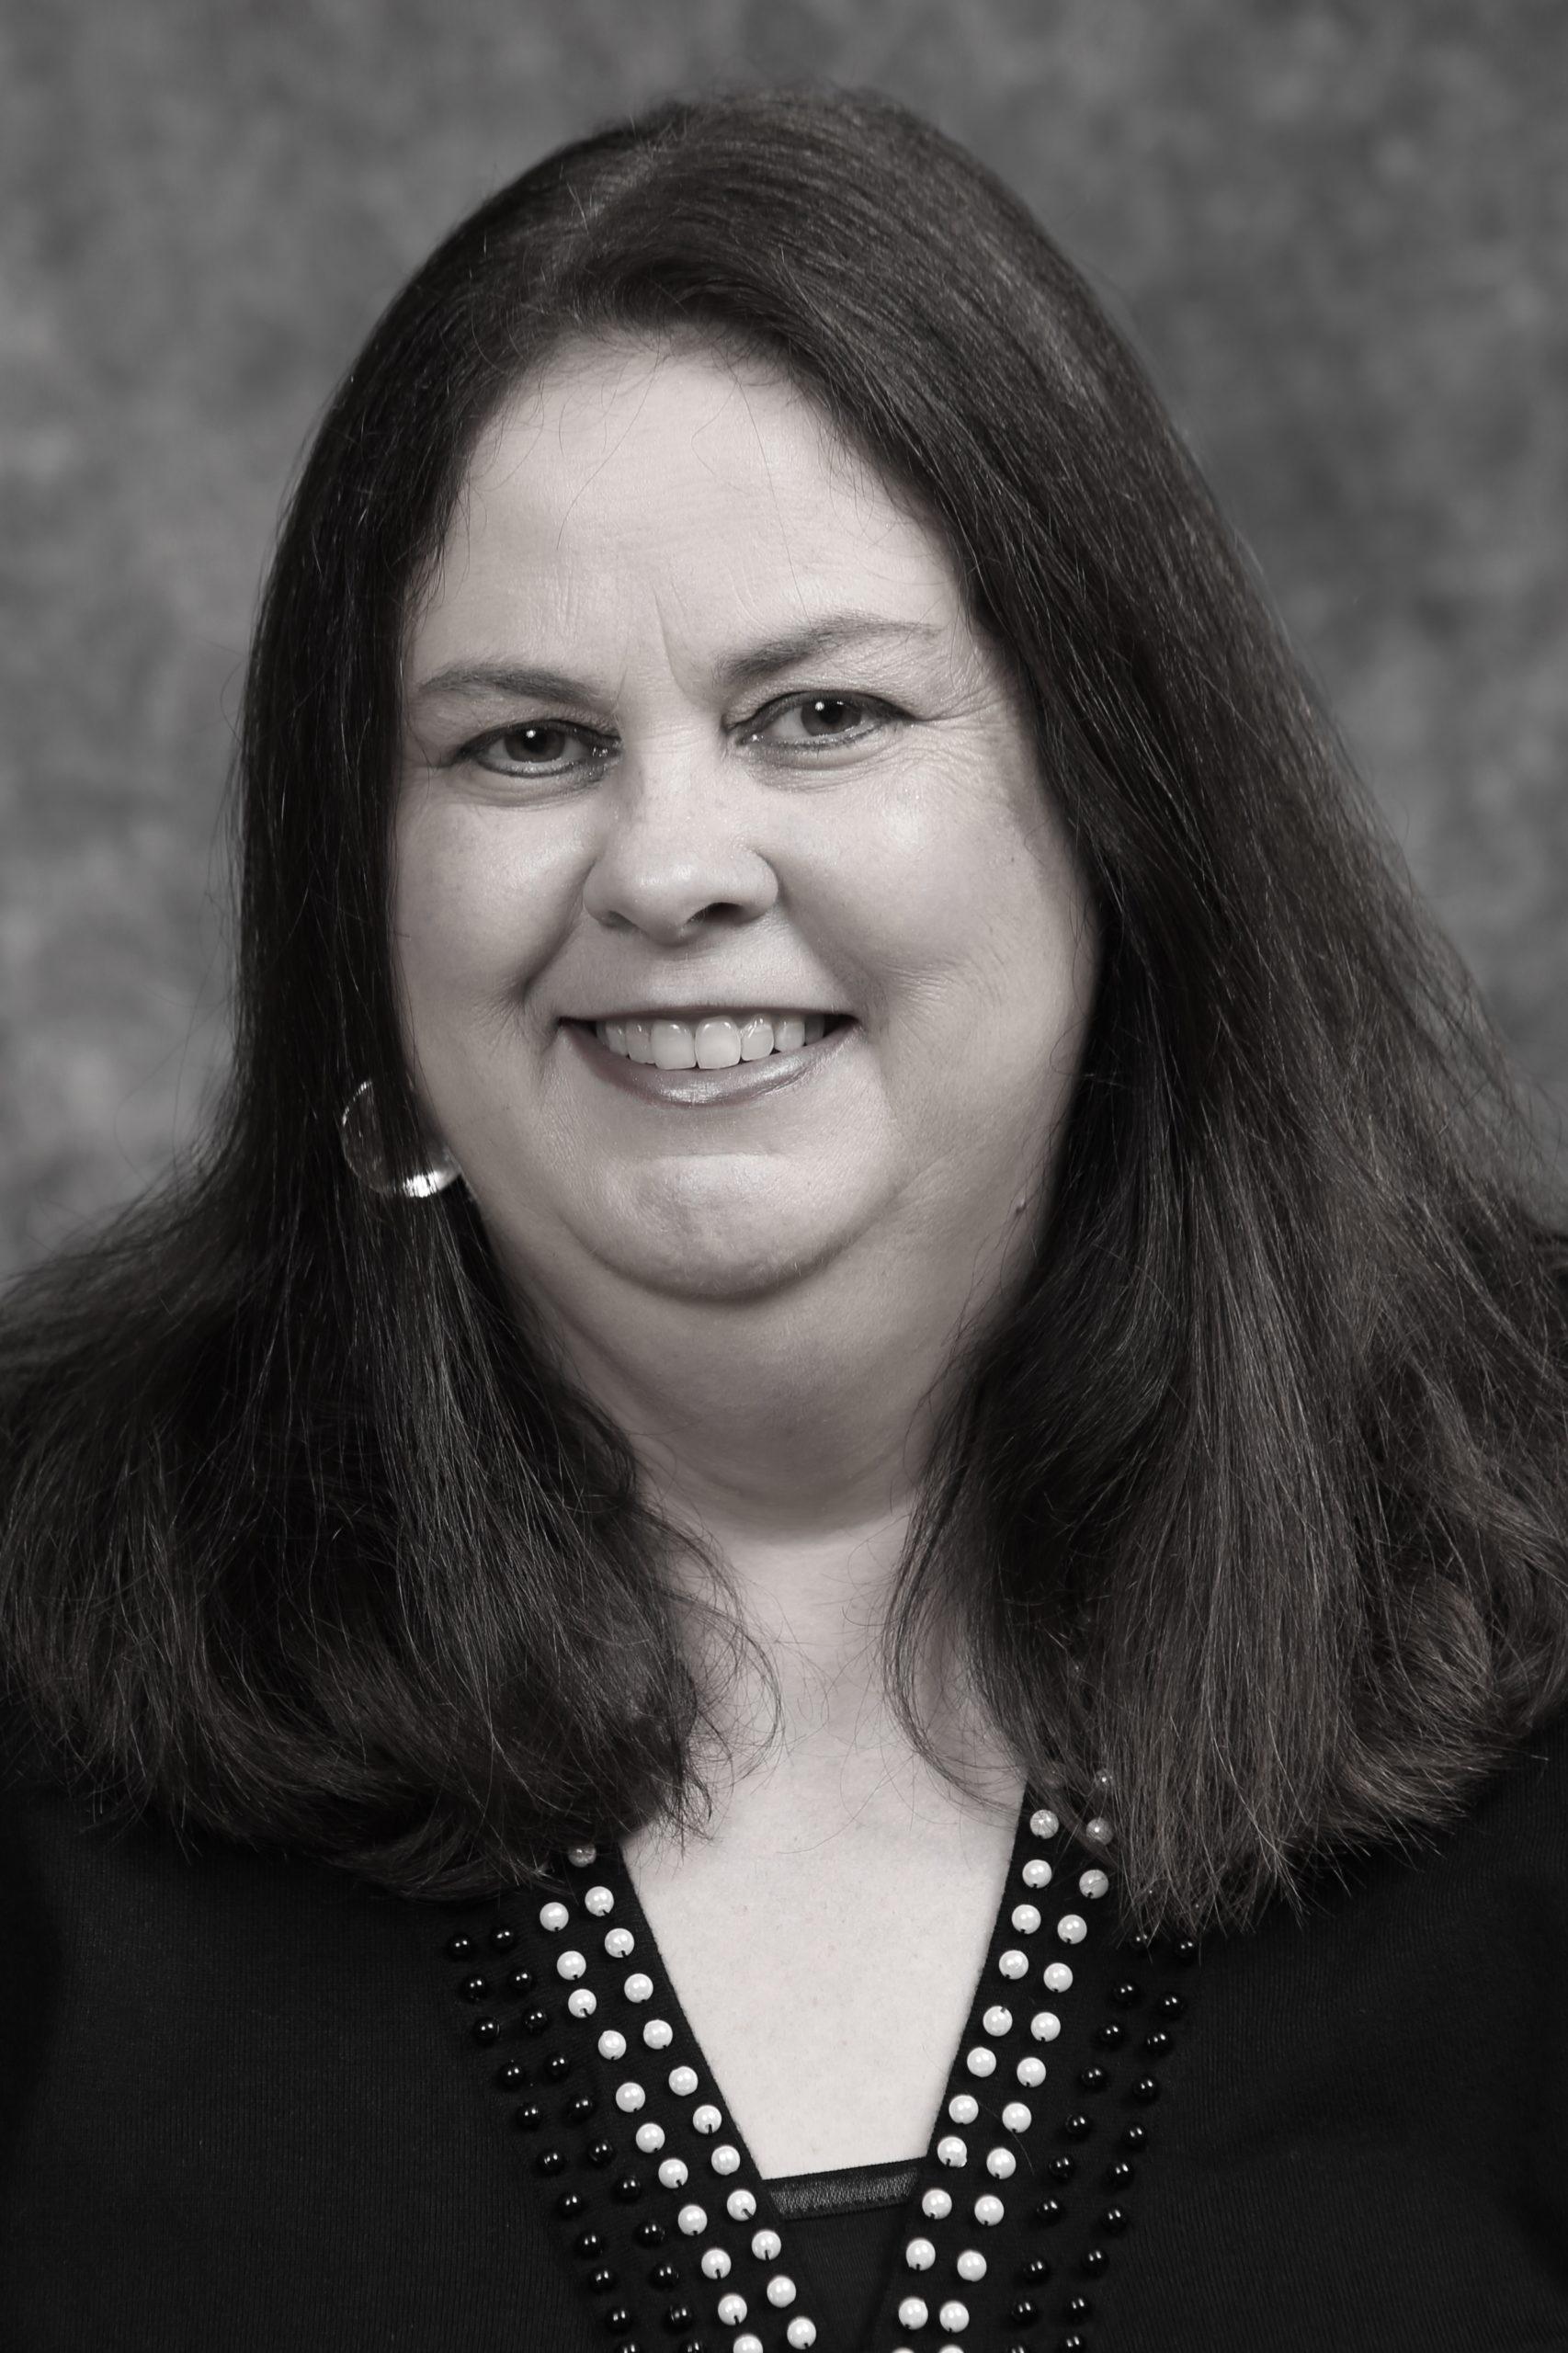 Kate Mahoney Black and White Portrait